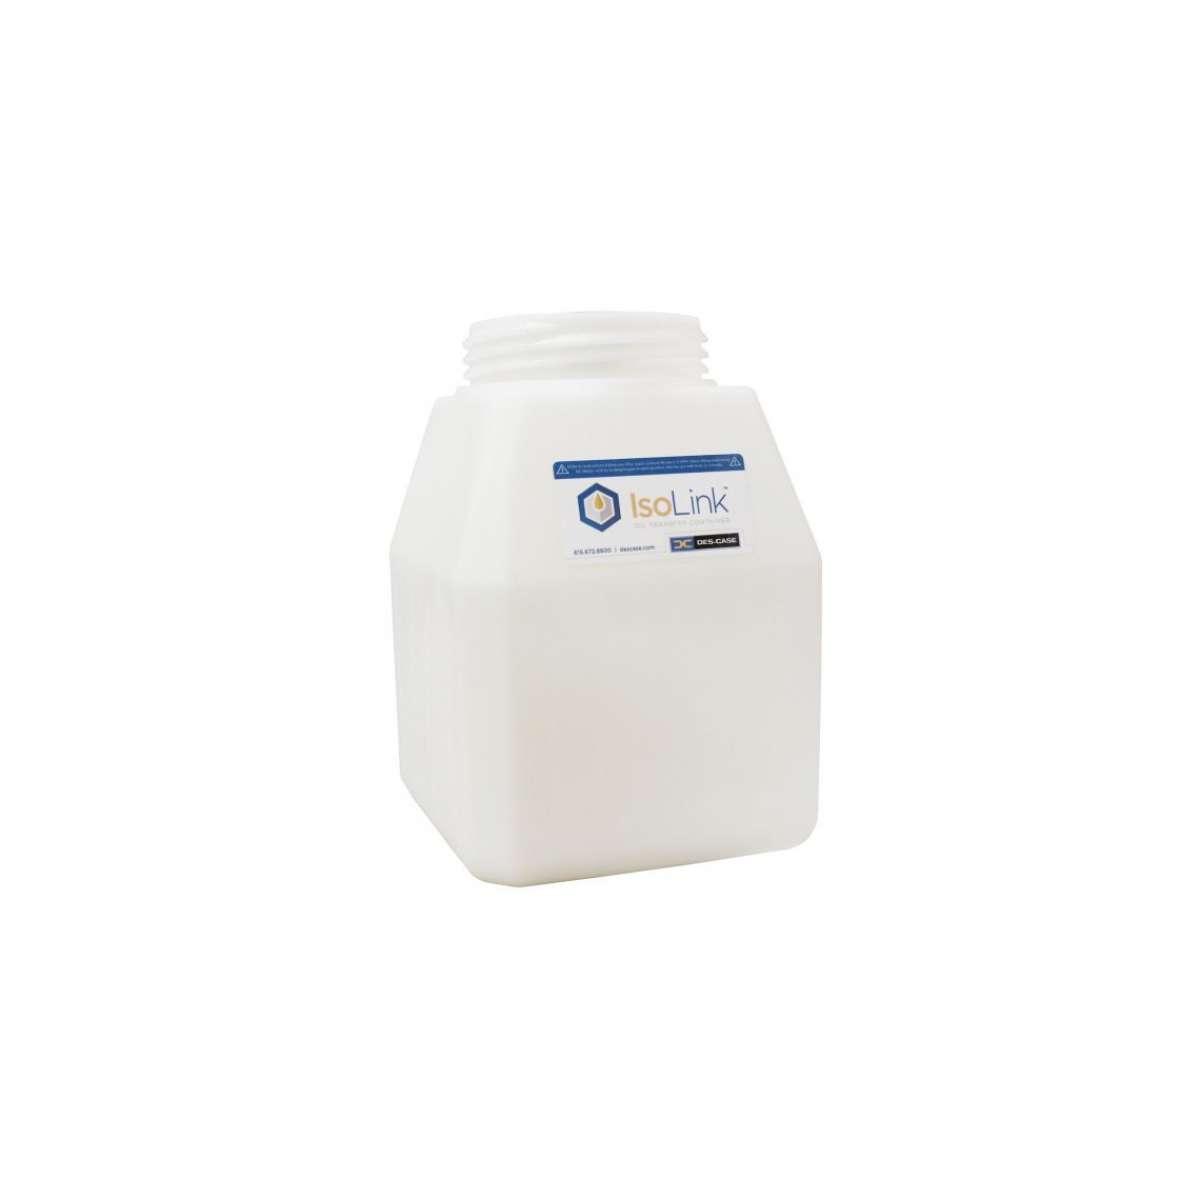 Des Case Isolink 7 Litre 1 8 Gallon Container